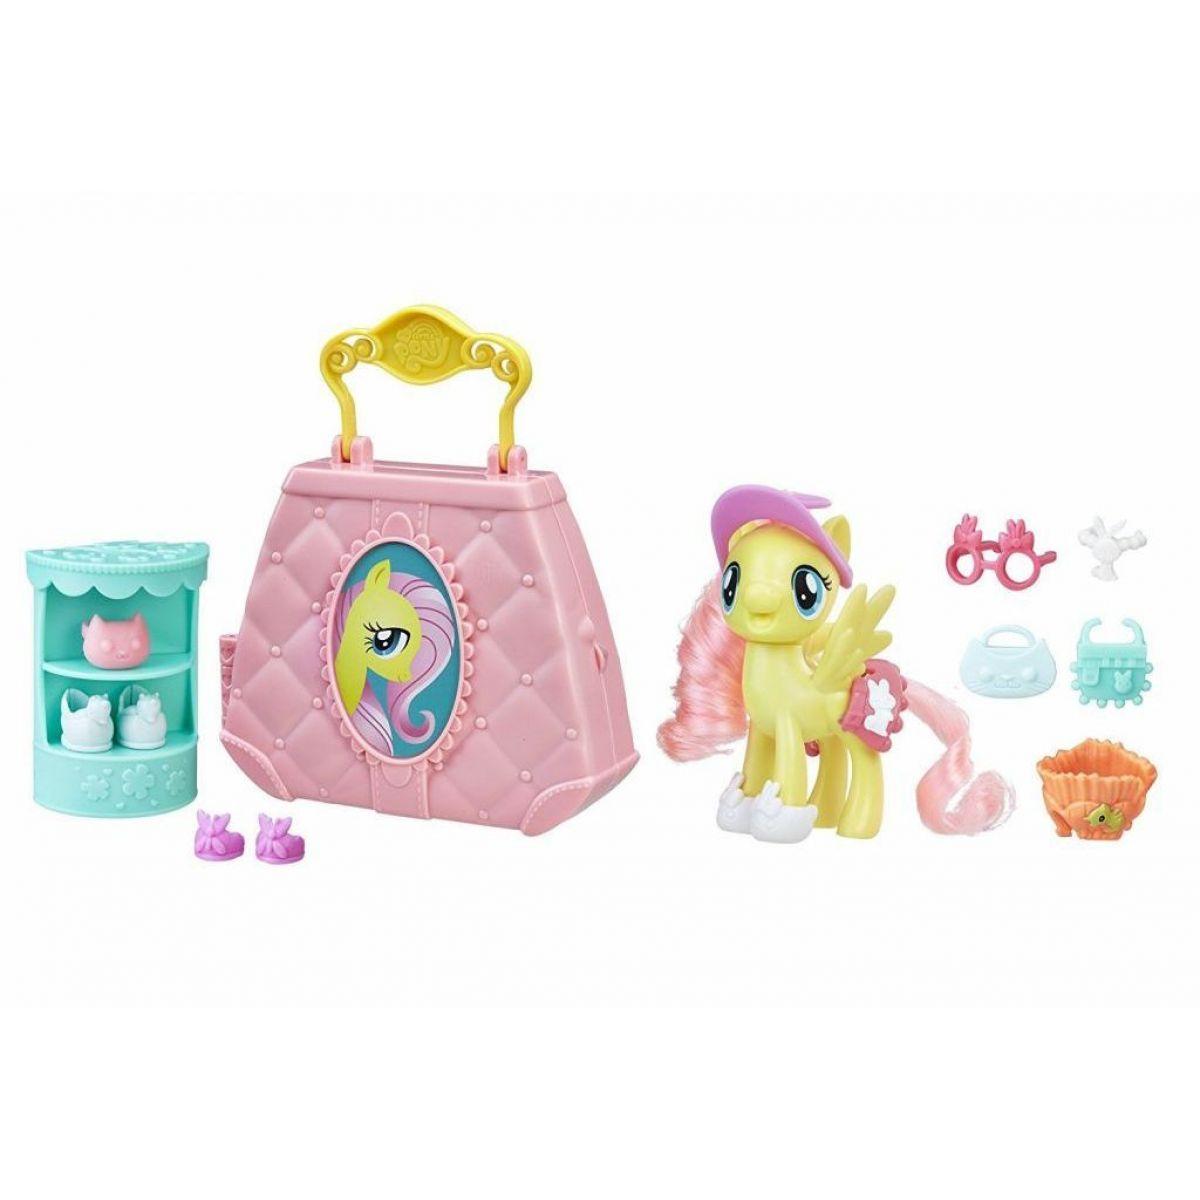 My Little Pony Pony přátelé hrací set zavírací Fluttershy